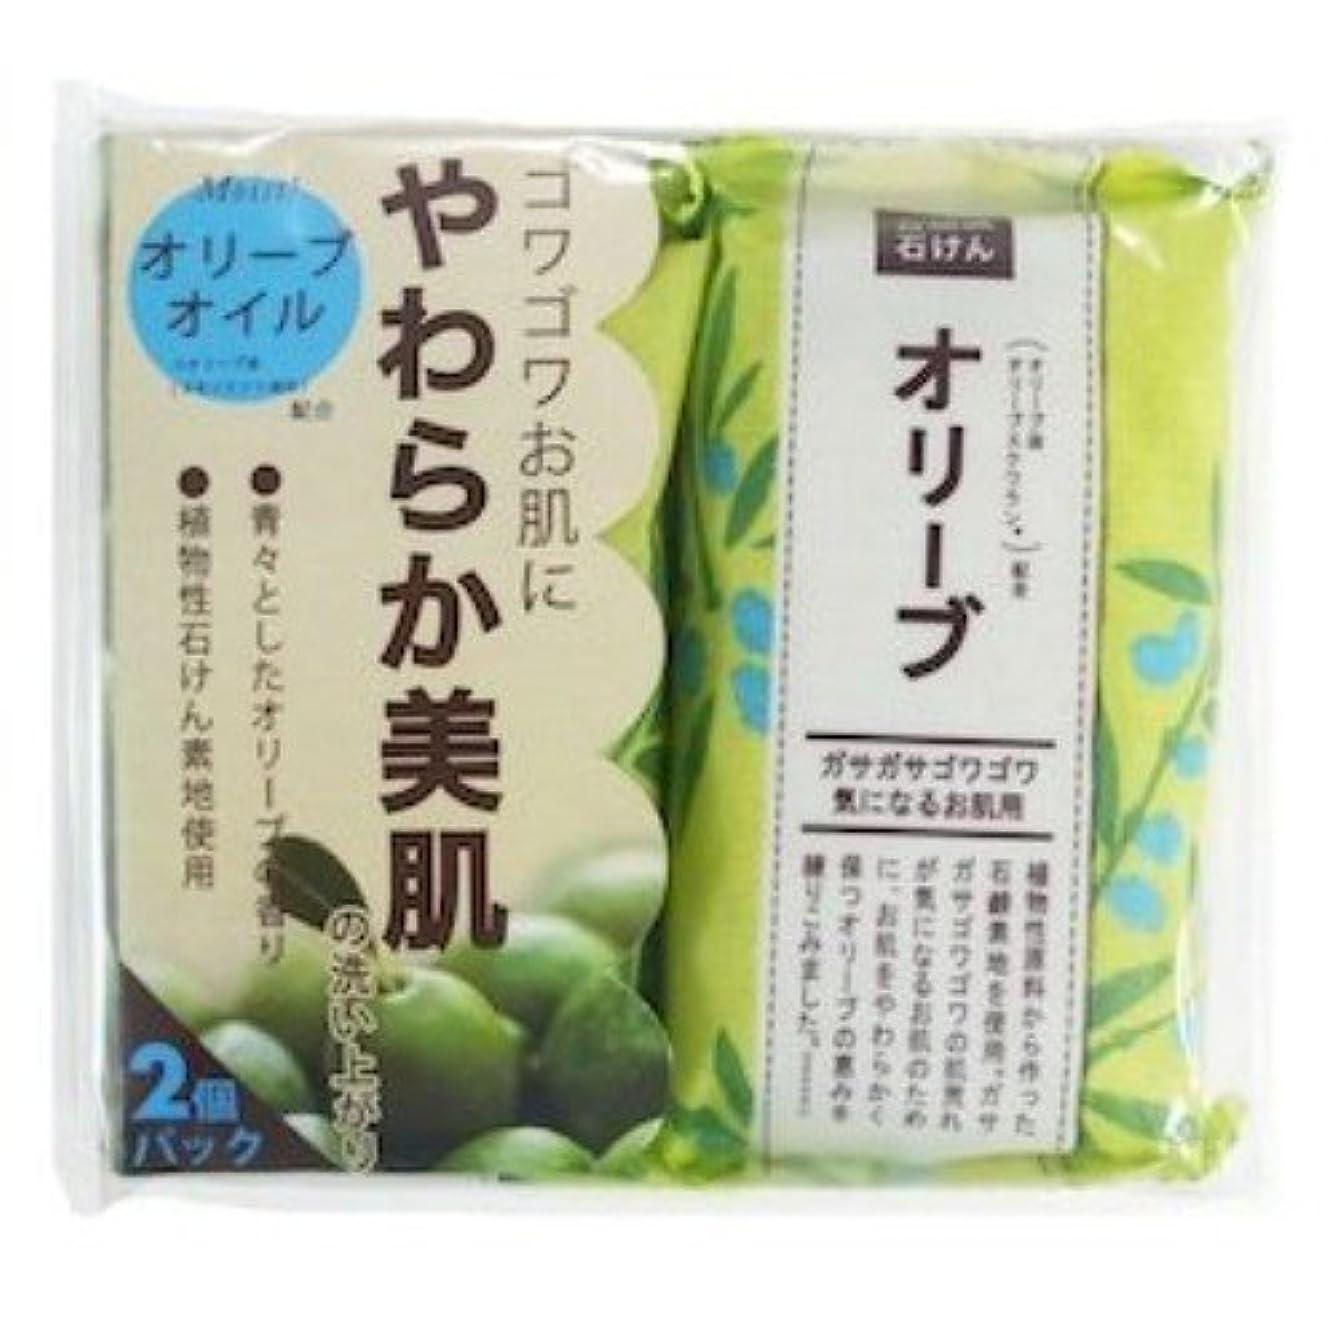 どきどきピジン定常ペリカン石鹸 自然派石けん オリーブ 100g×2個